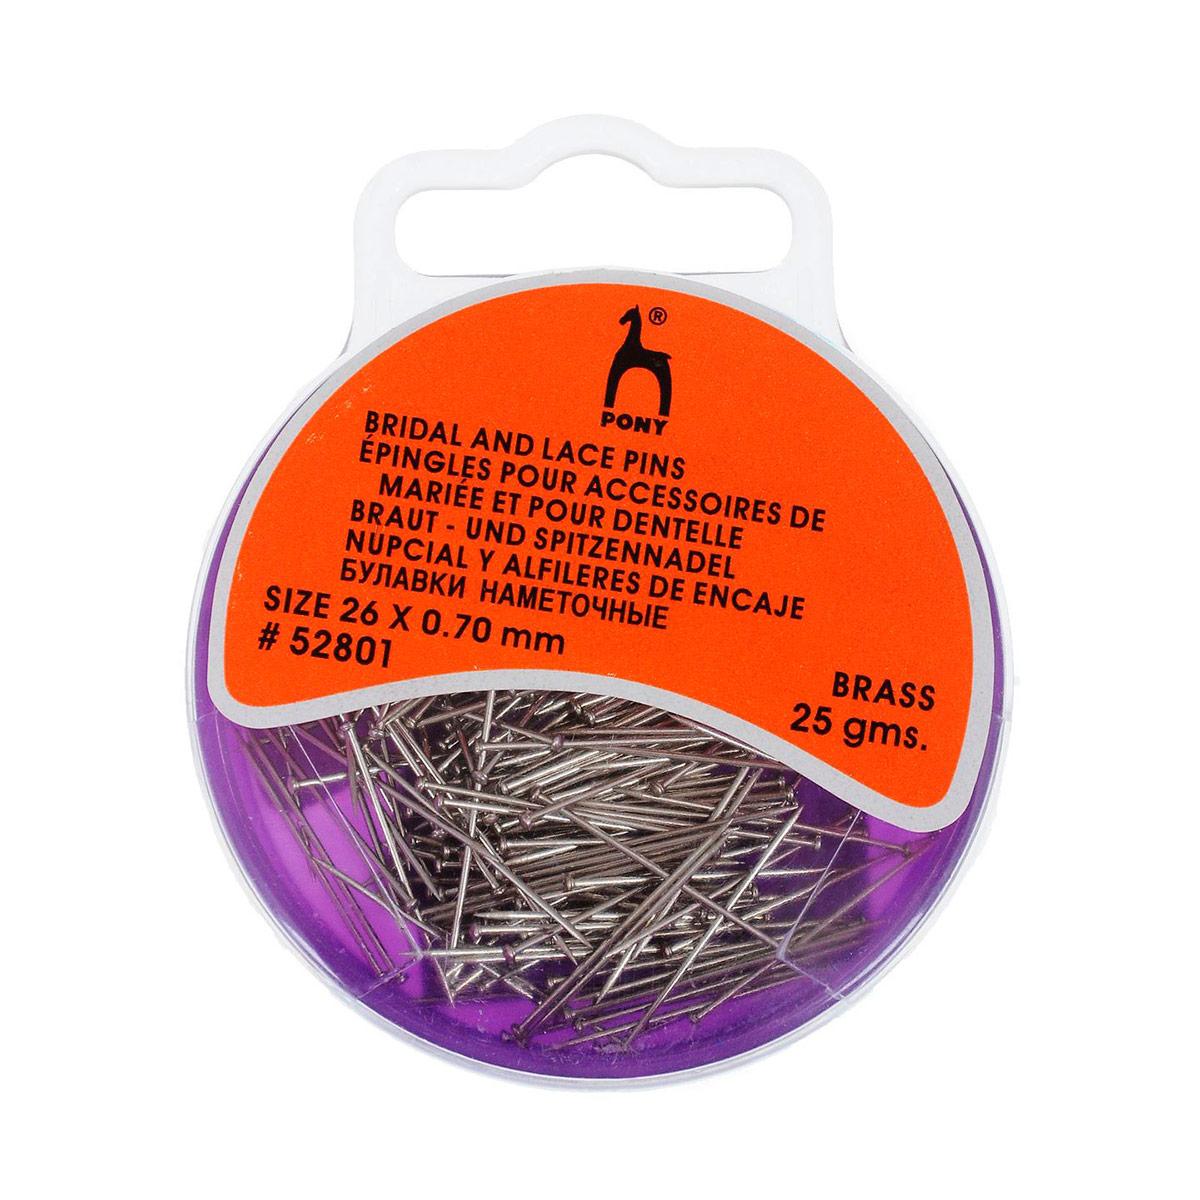 52801 Булавки-гвоздики наметочные 0,70мм/26мм, латунь, 25г PONY